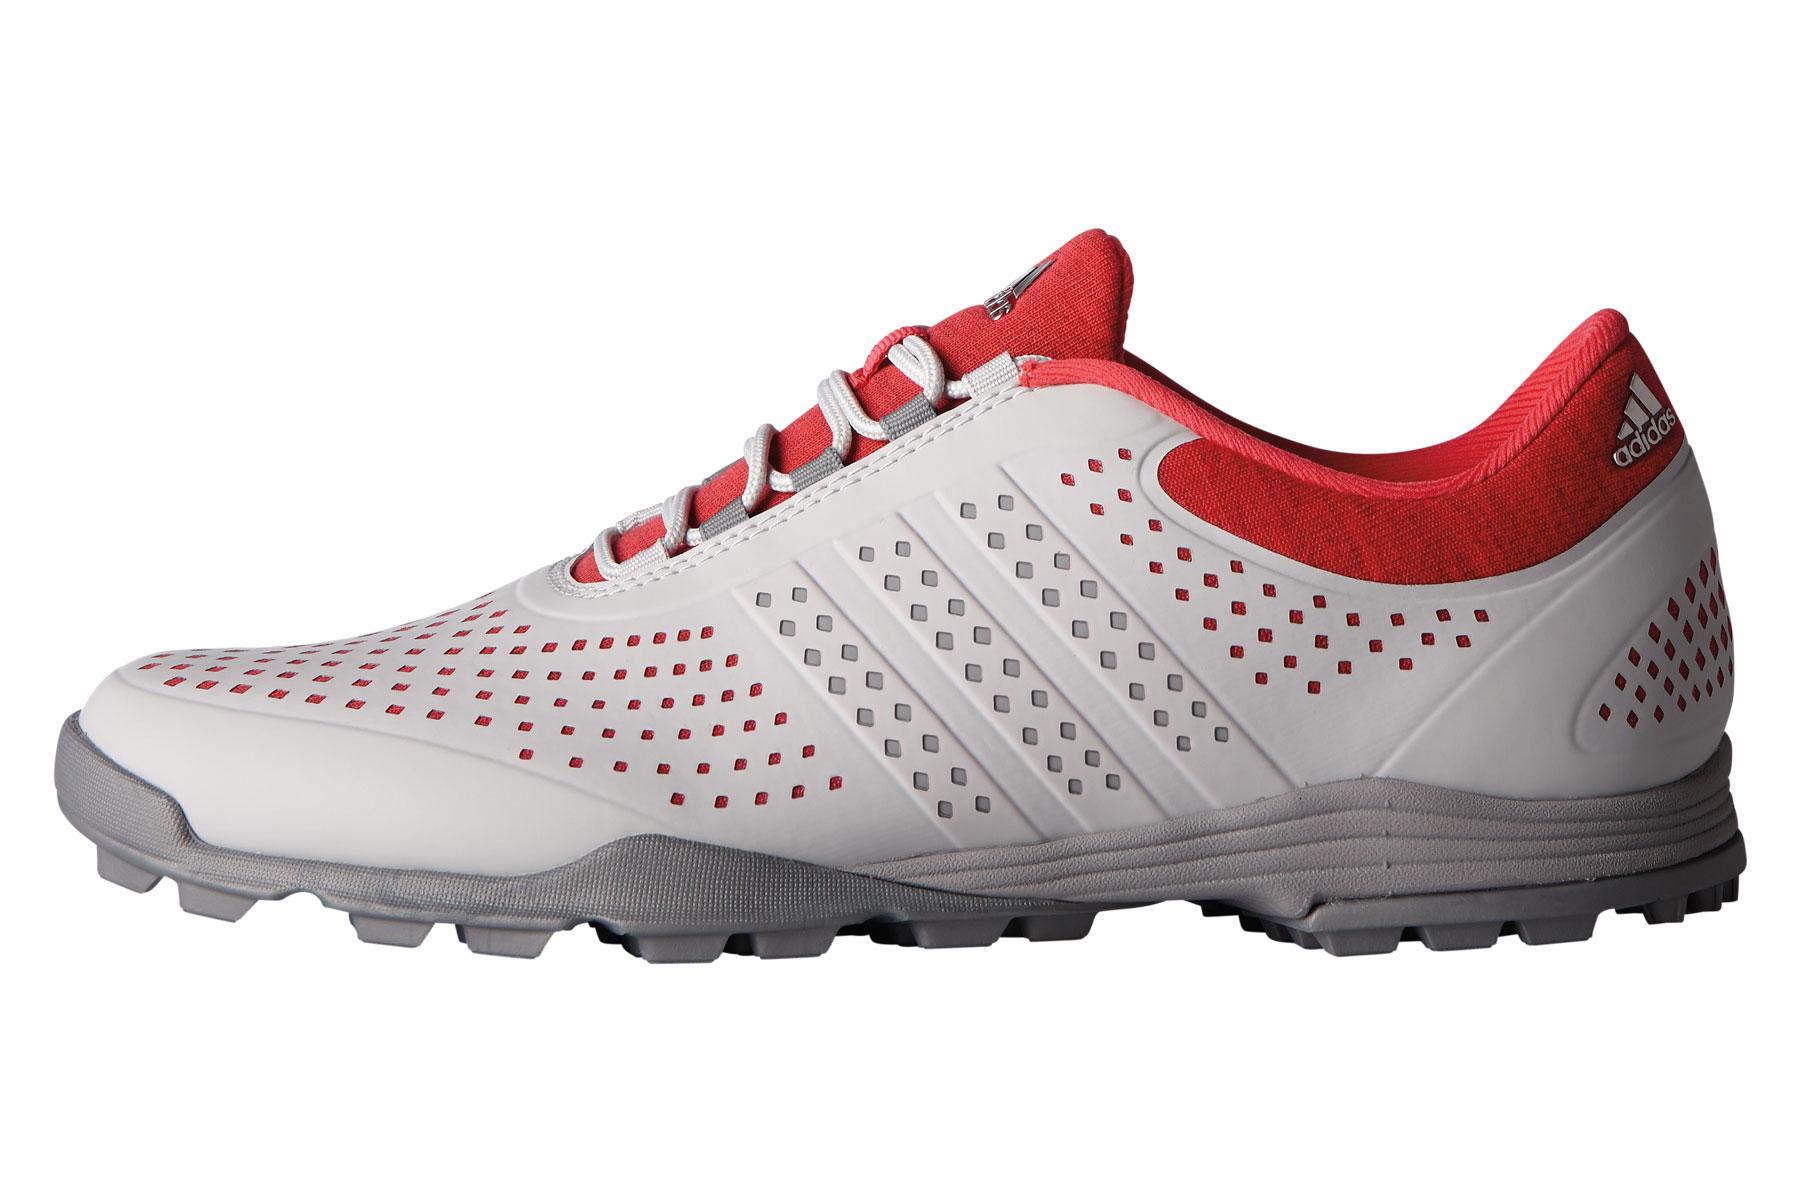 Adidas Golf Shoes Summer Spikeless